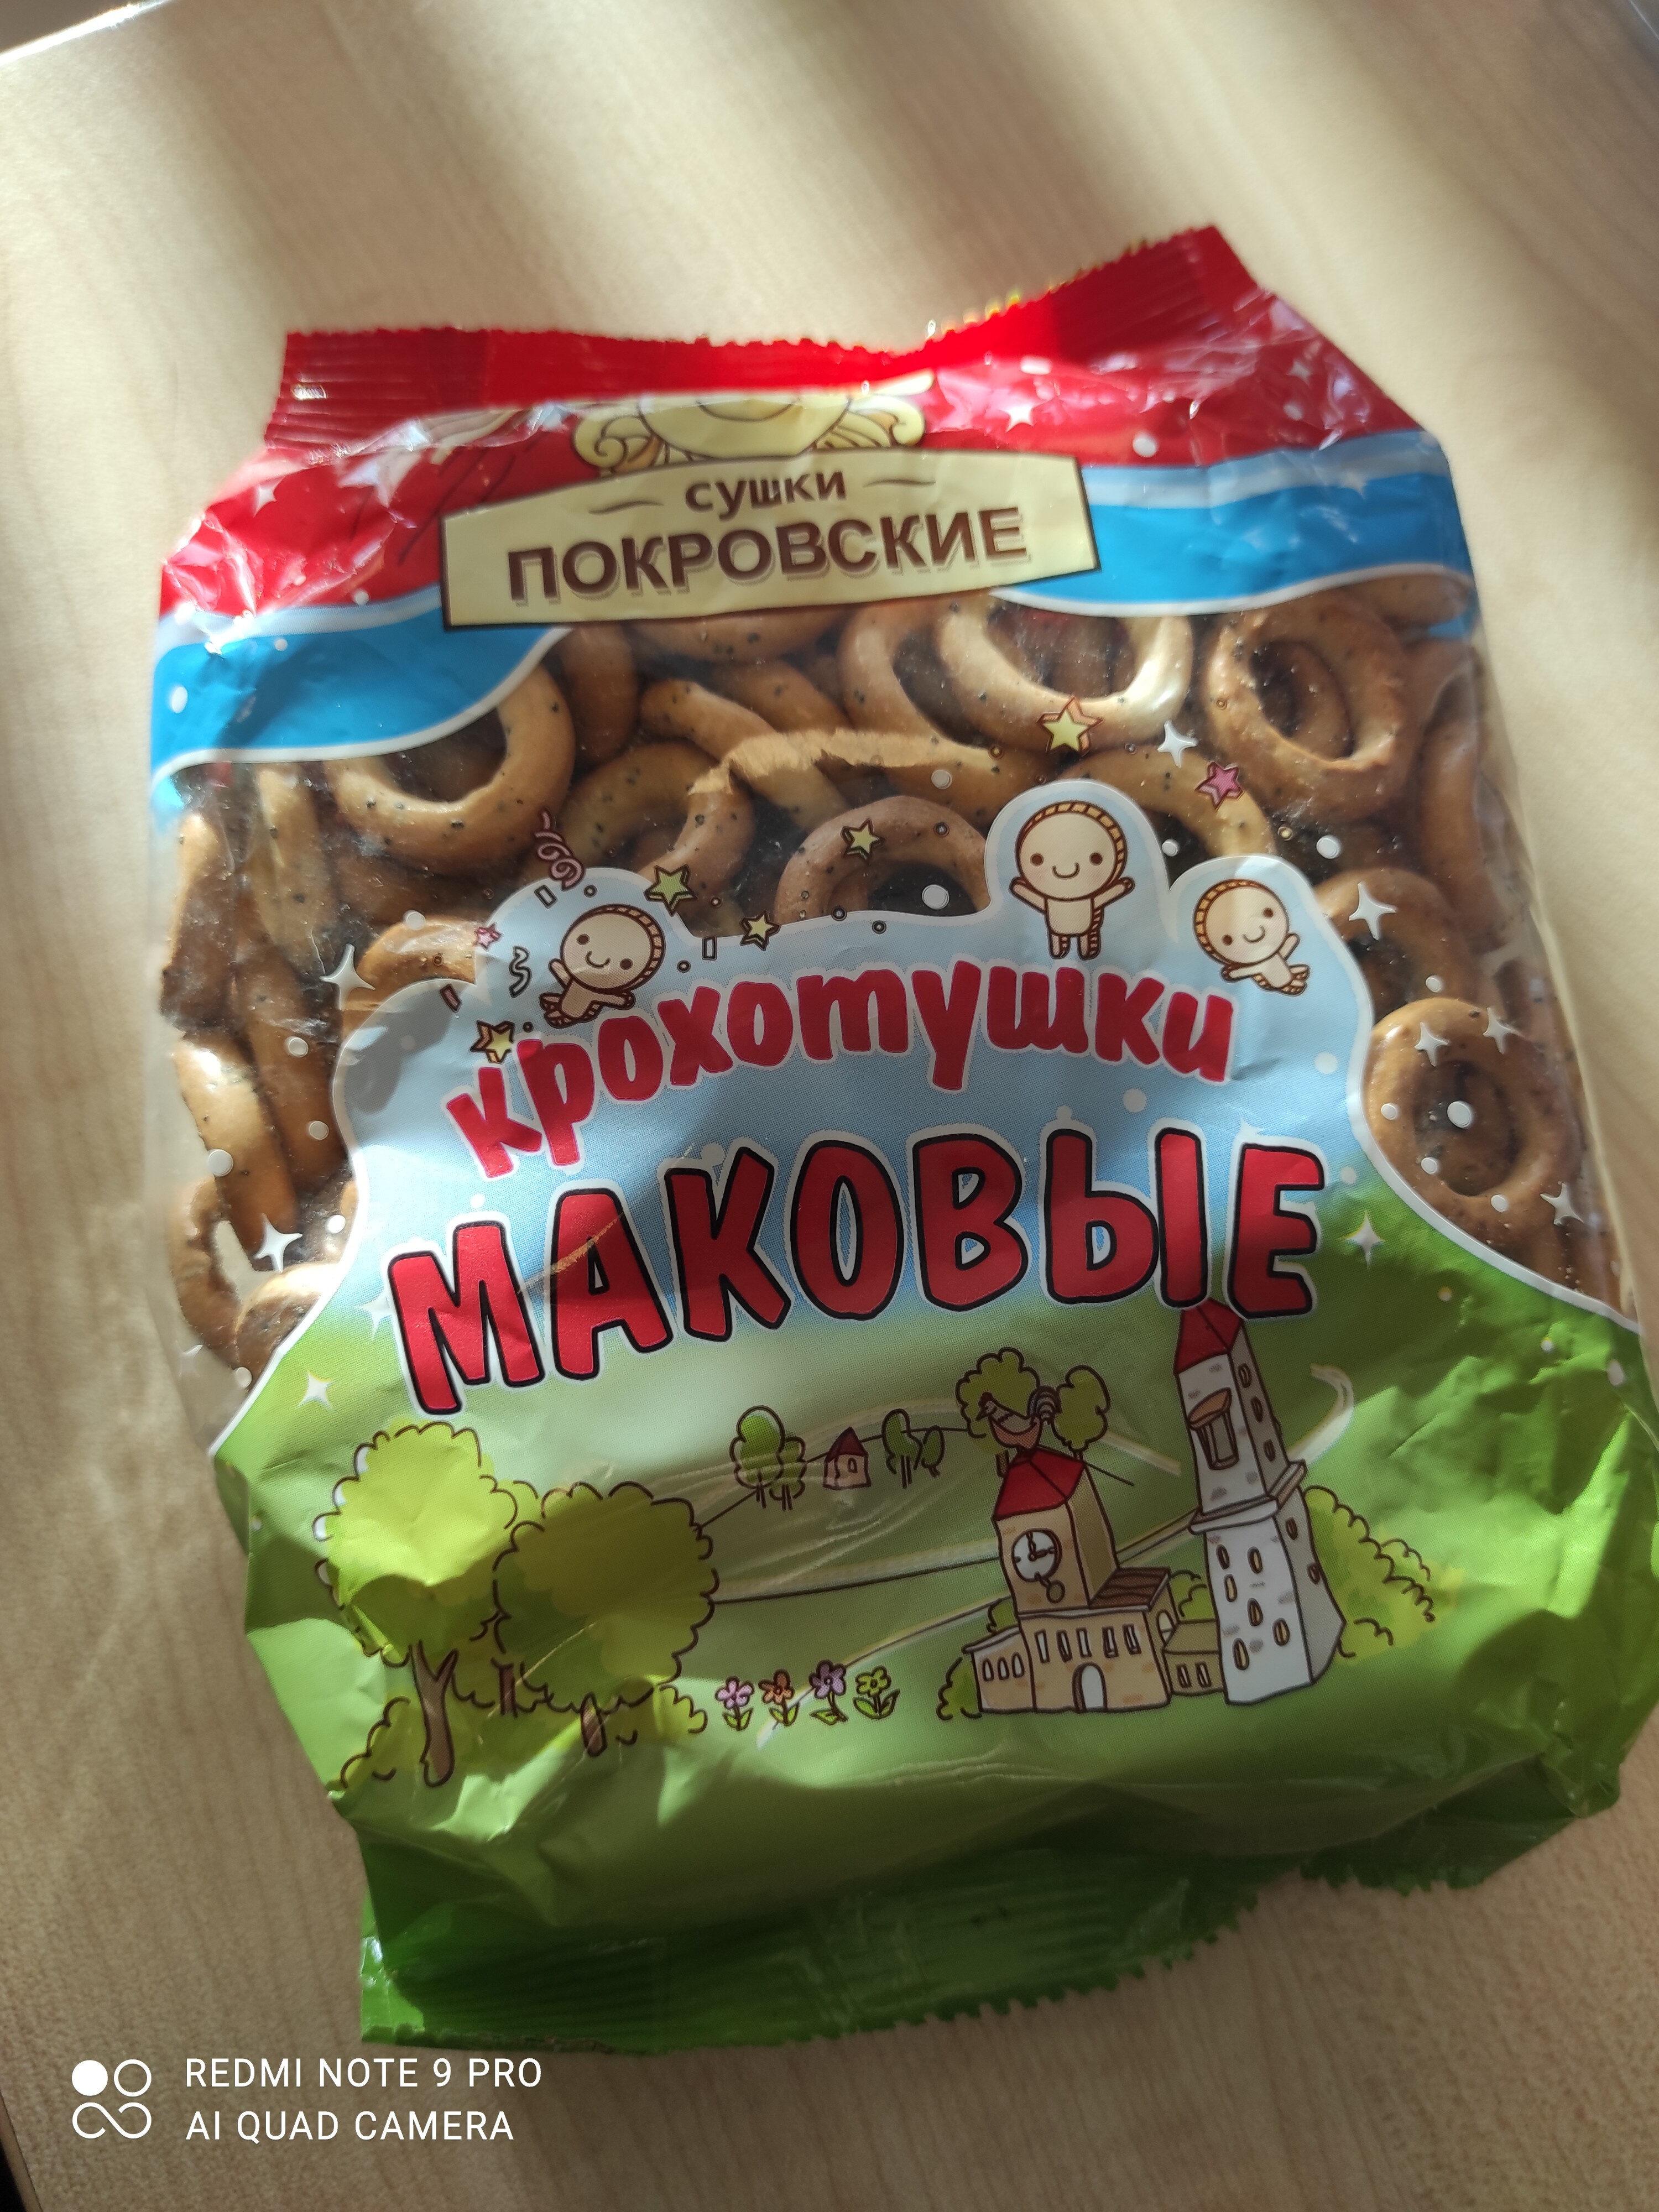 Крохотушки маковые - Prodotto - ru